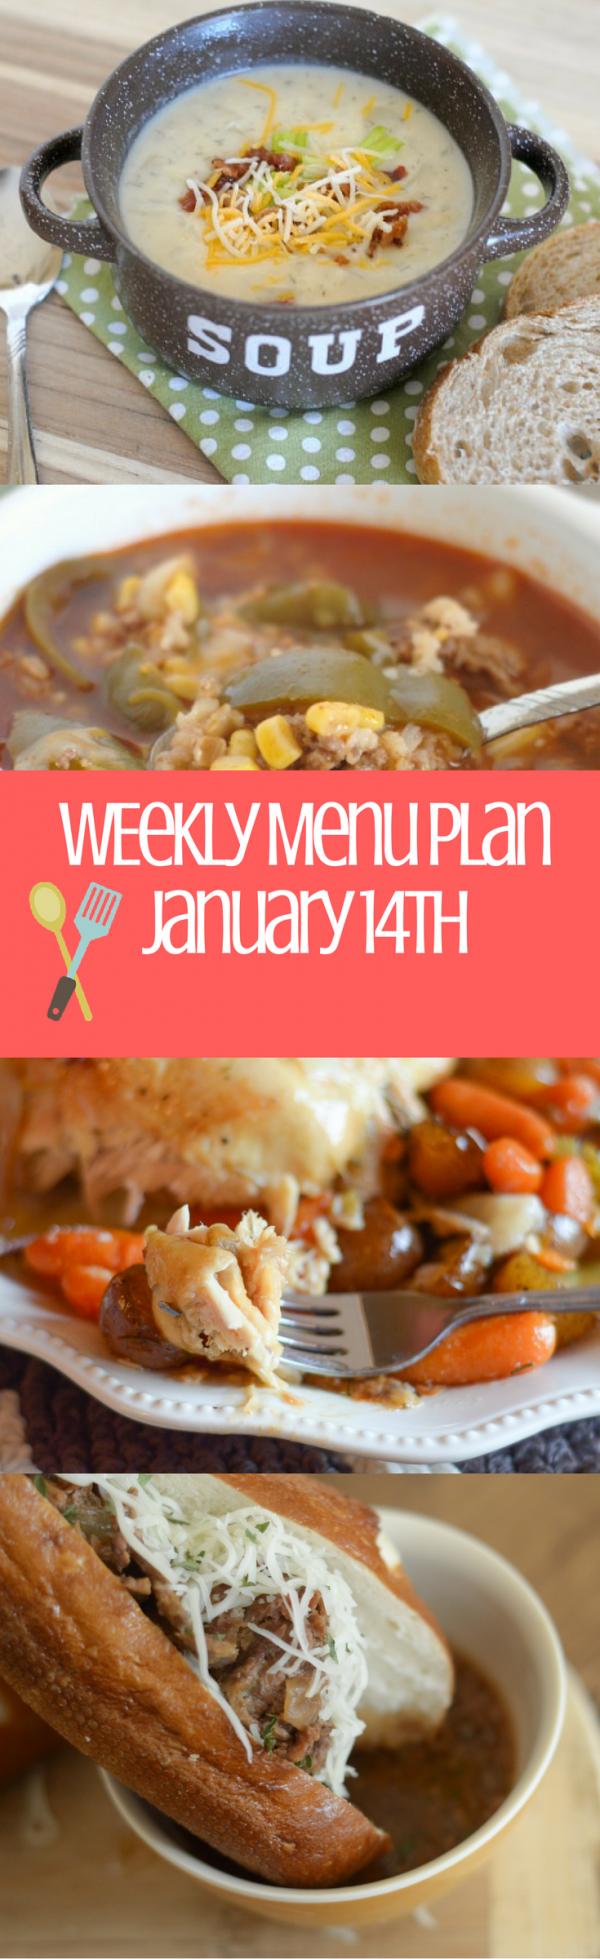 Weekly Menu Plan - Week of January 14th